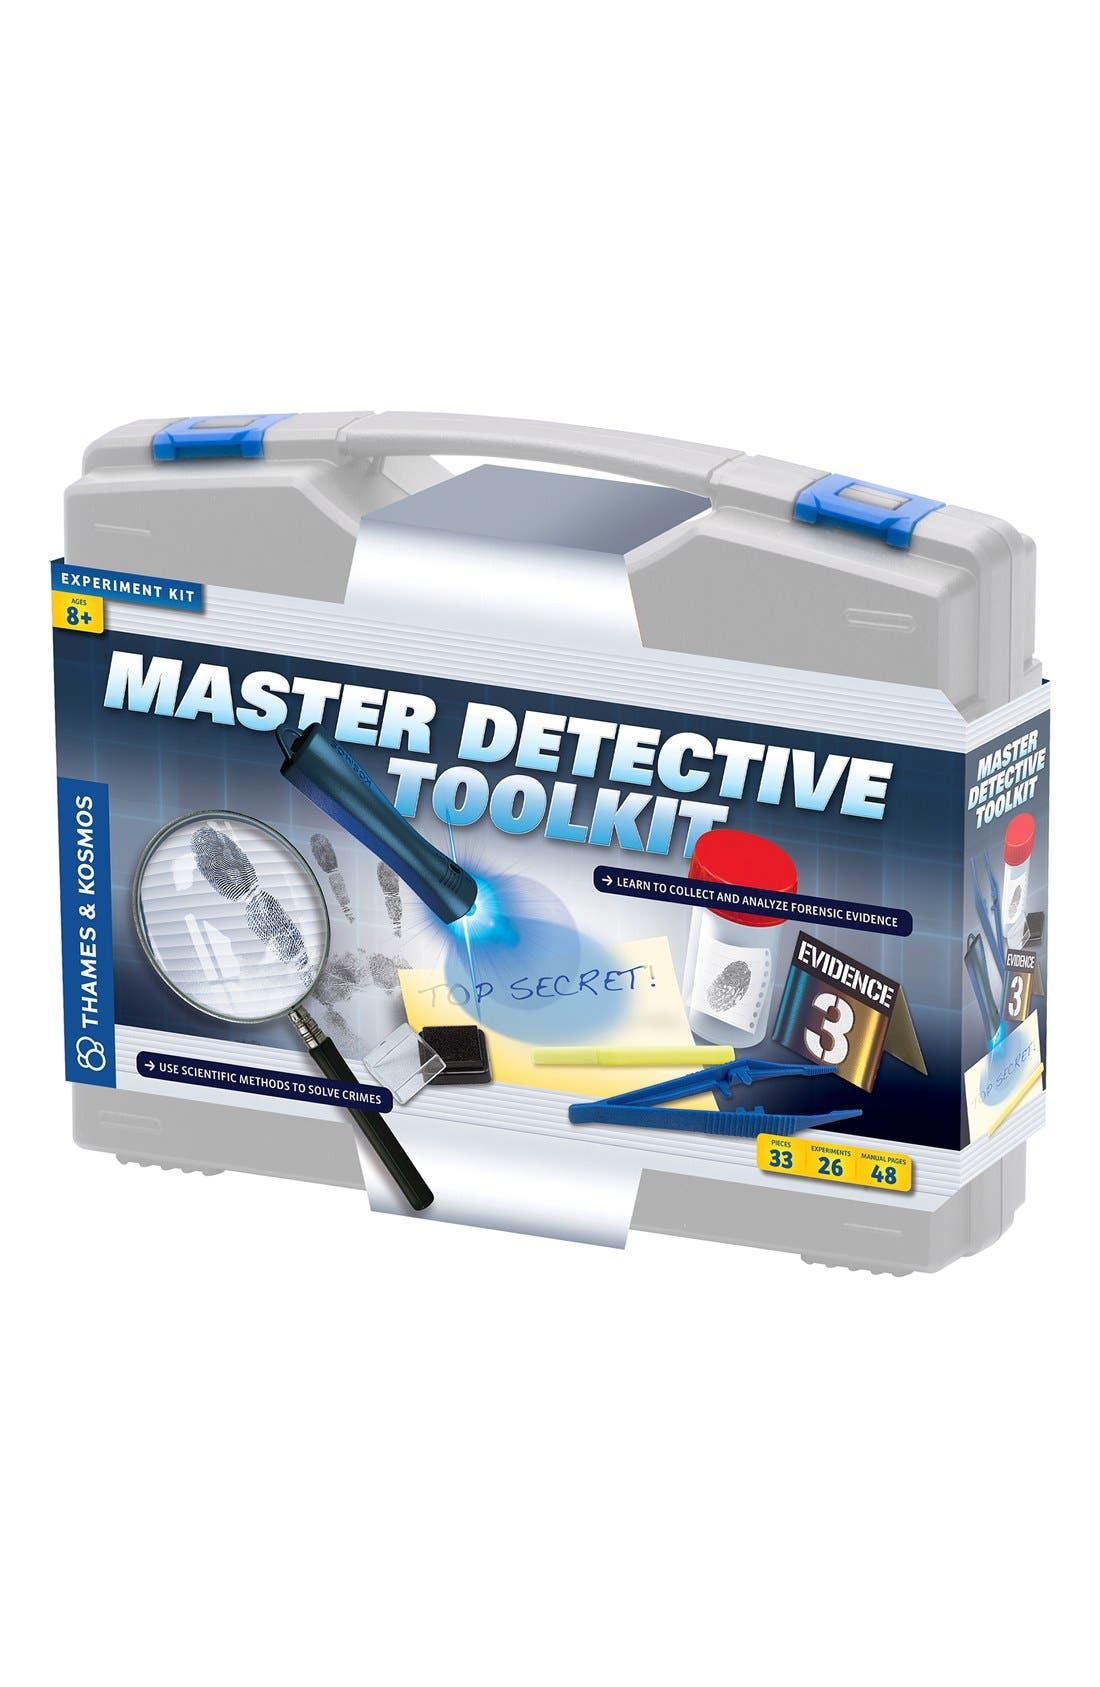 Thames & Kosmos 'Master Detective Toolkit' Experiment Kit